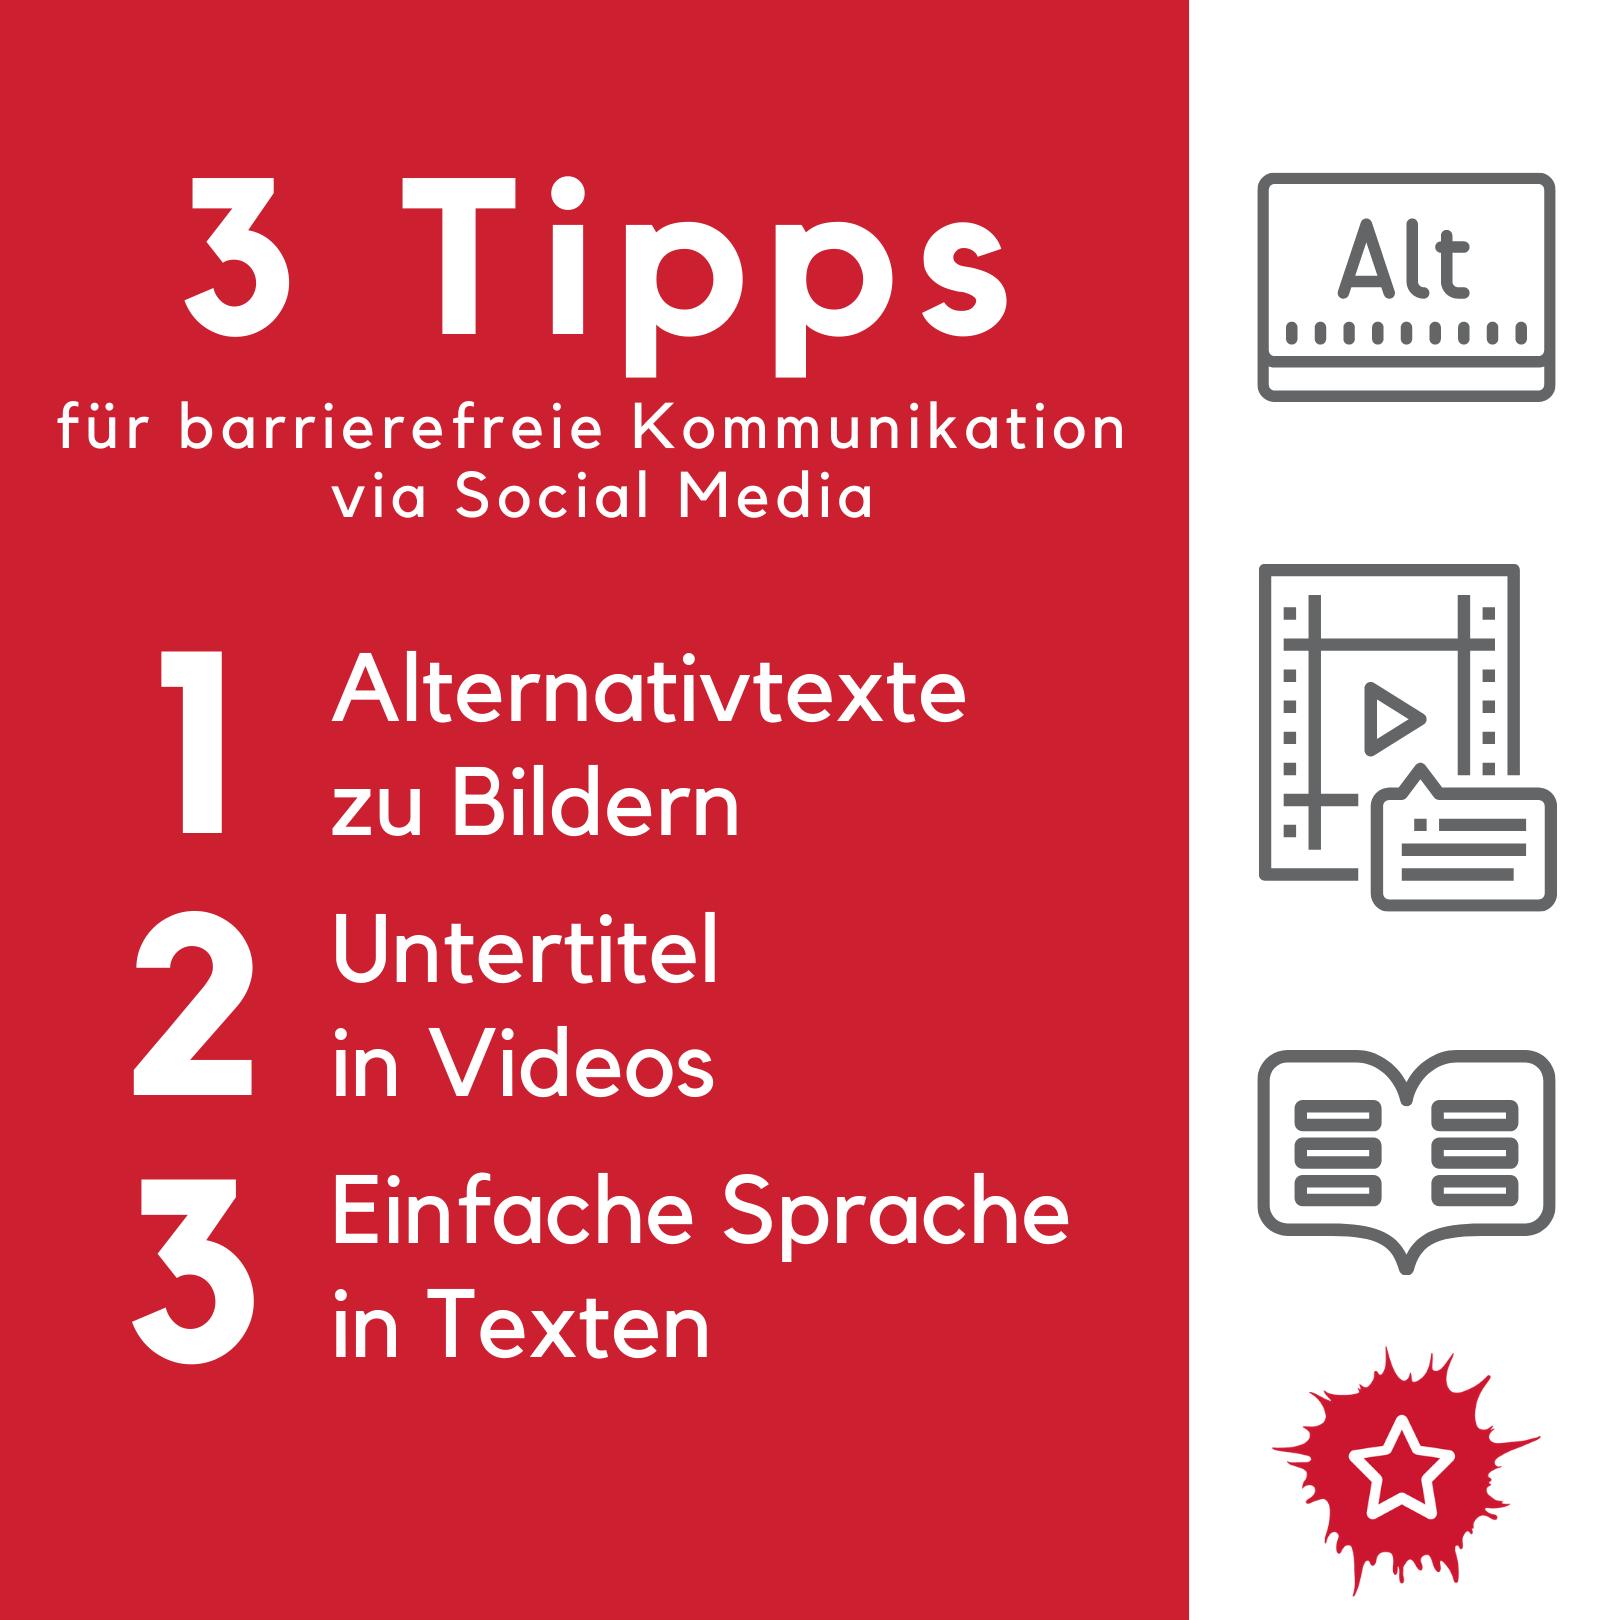 3 Tipps für barrierefreie Kommunikation von Social Media 1. Alternativtexte zu Bilder, 2. Untertitel in Videos, 3. Einfache Sprache in Texten